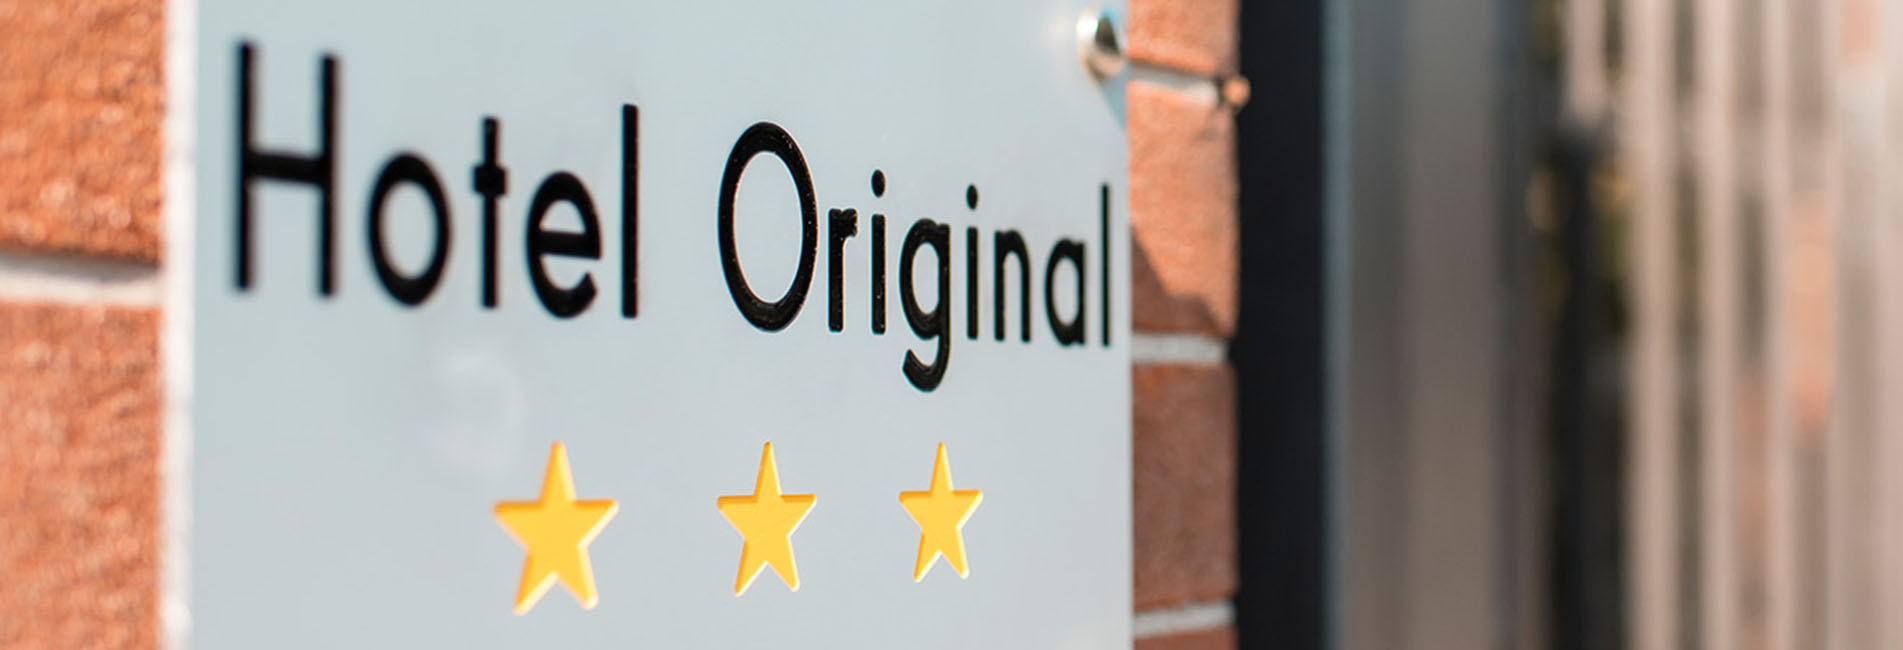 hotel-original-esterno5_B